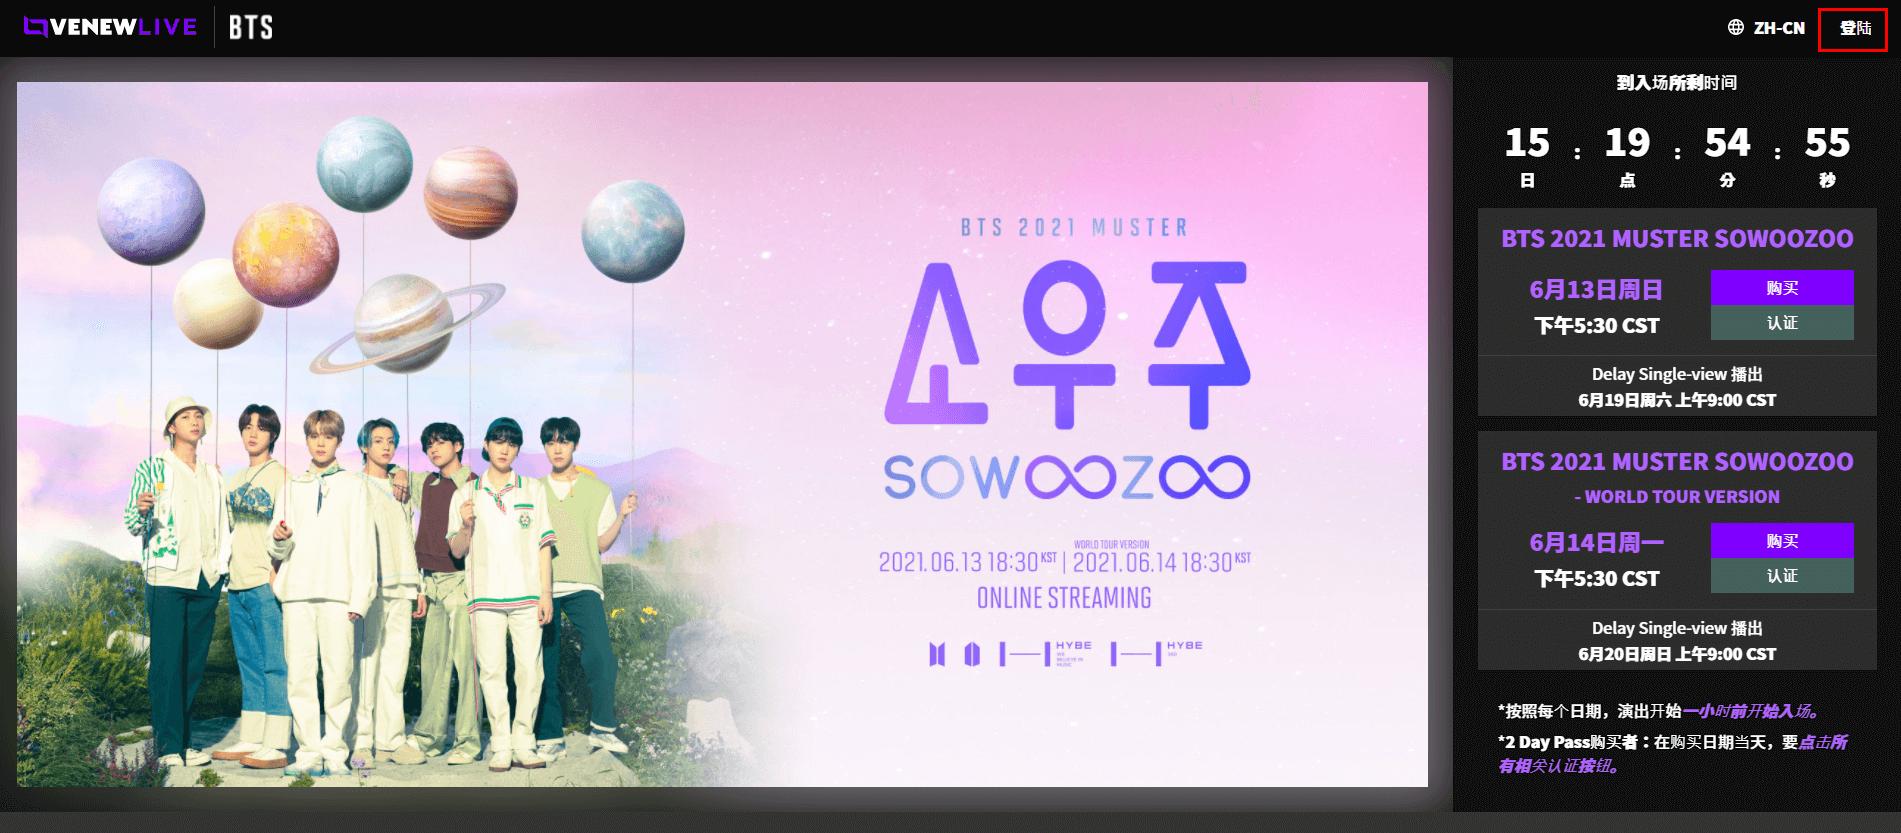 BTS線上演唱會直播網站